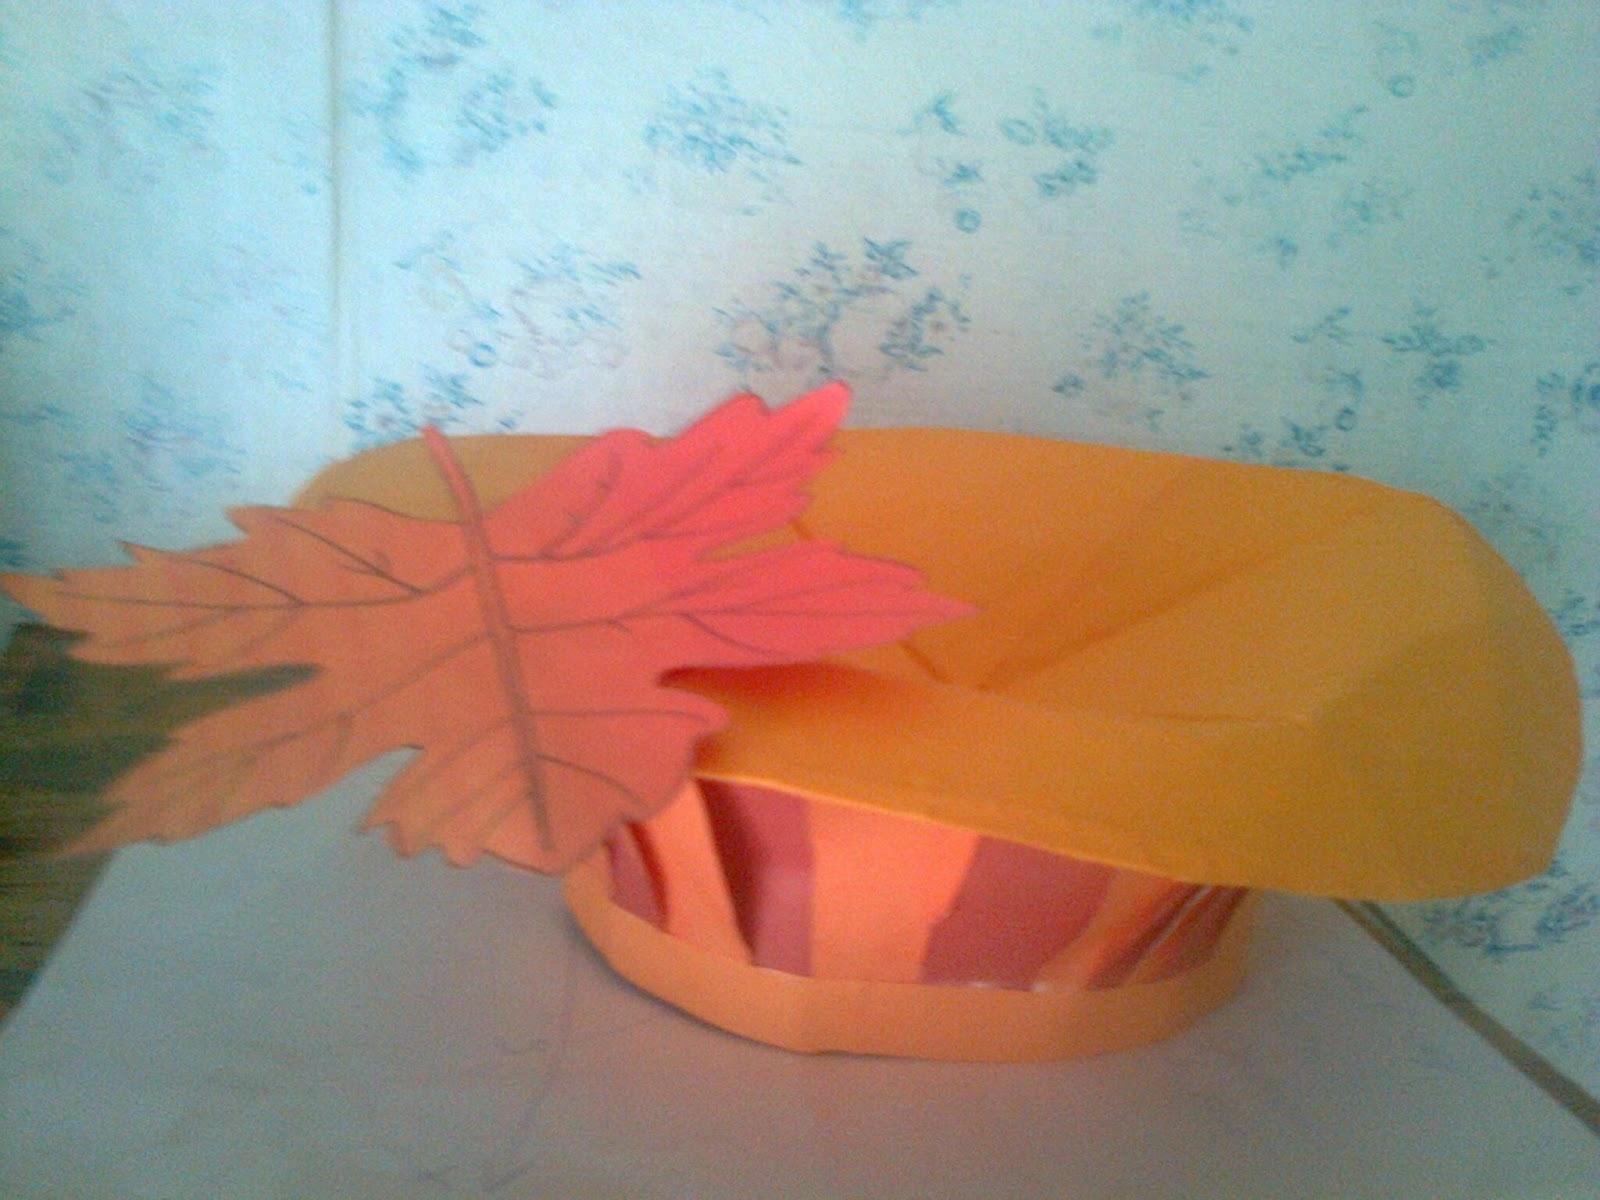 как сделать шапочку грибочка из бумаги своими руками